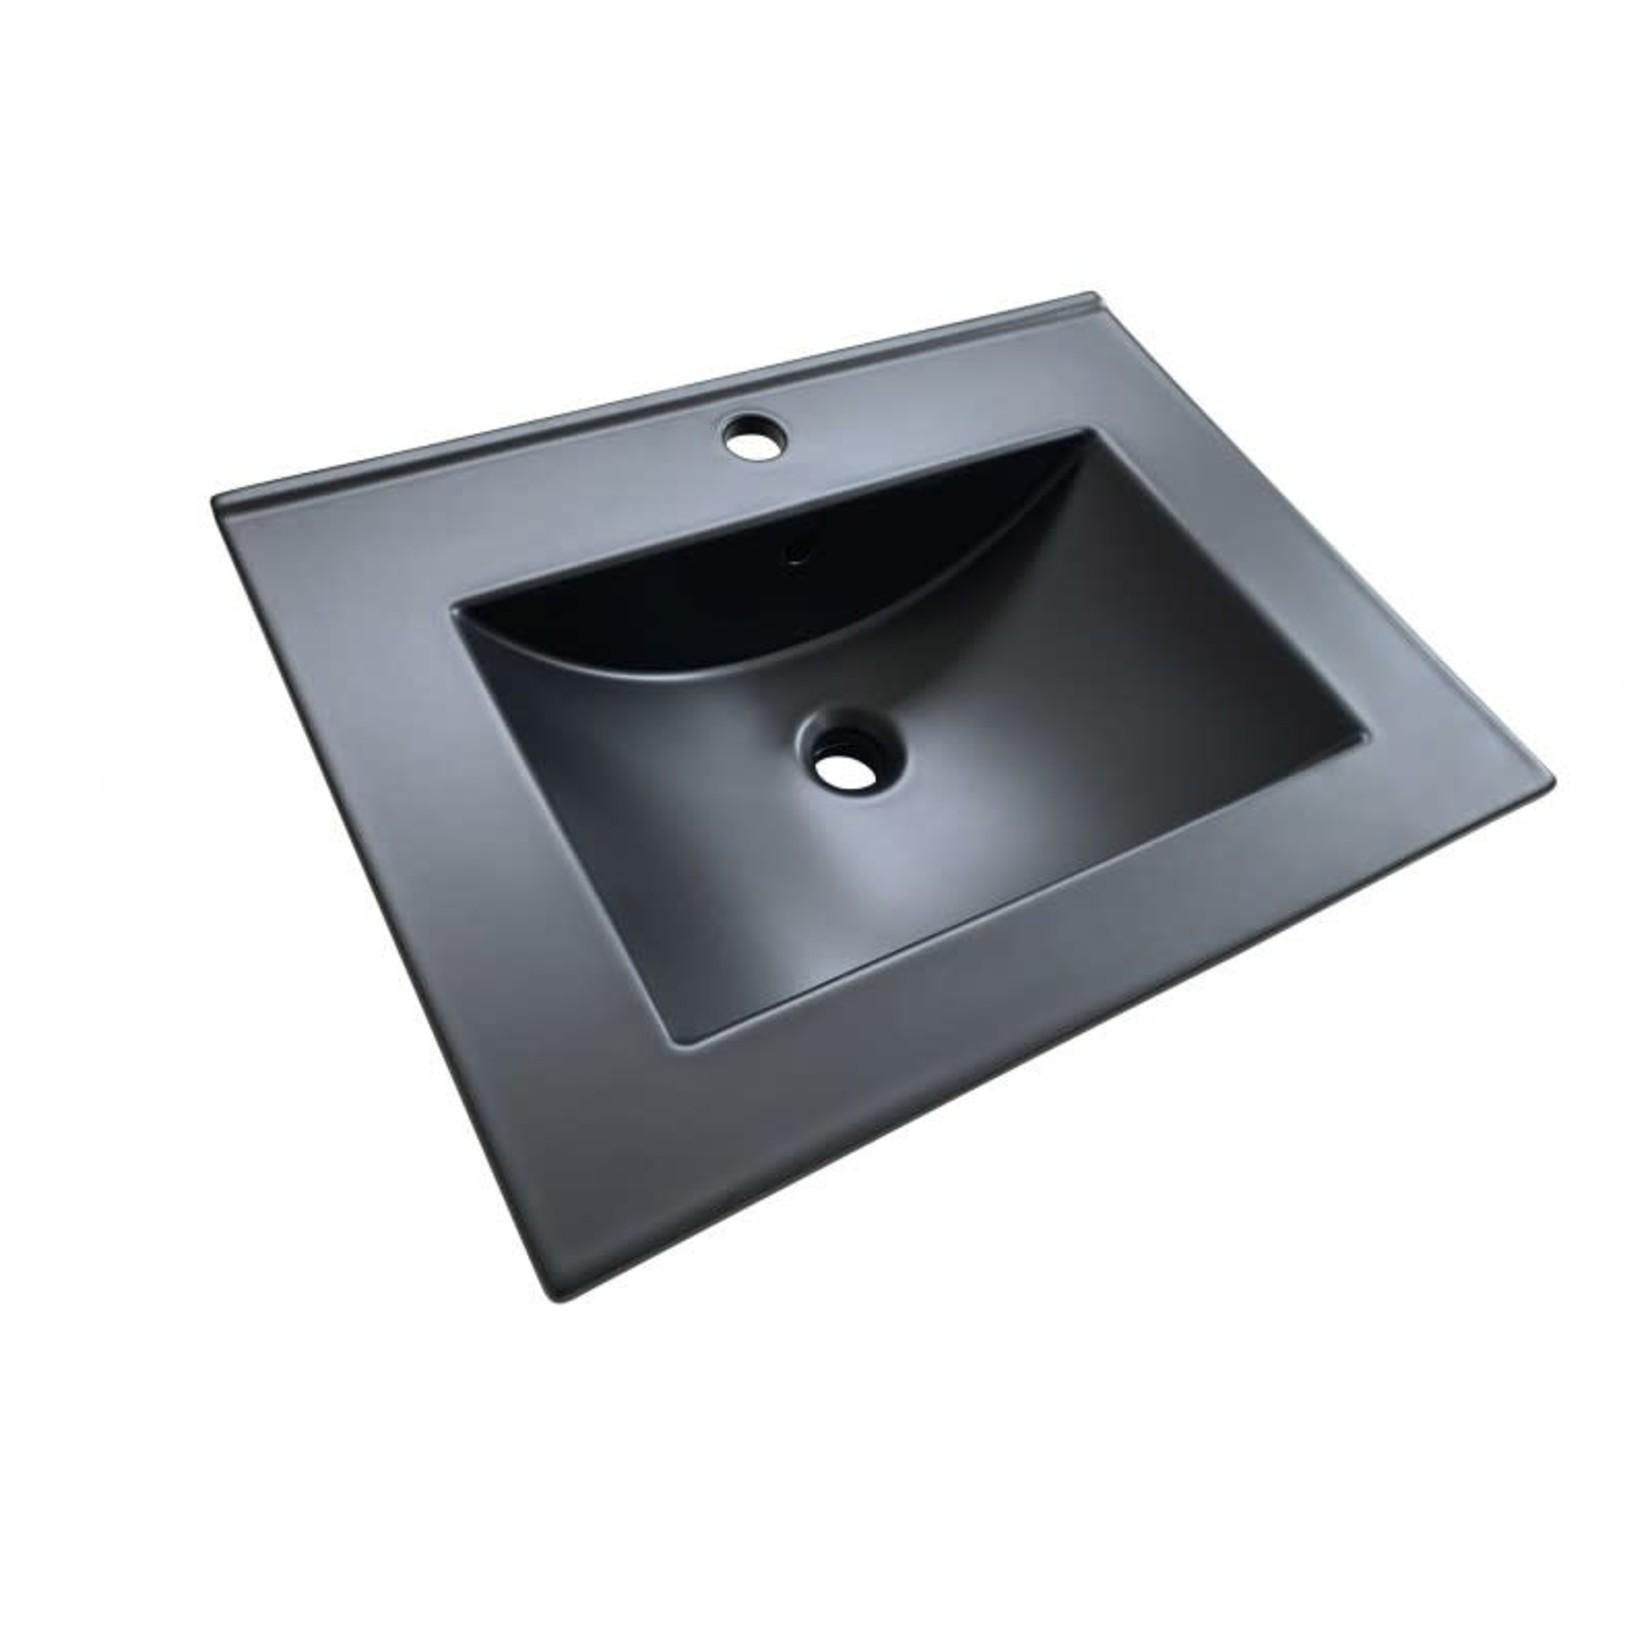 Lavabo en porcelaine 24'' X 18'' Noir DI-20260-B